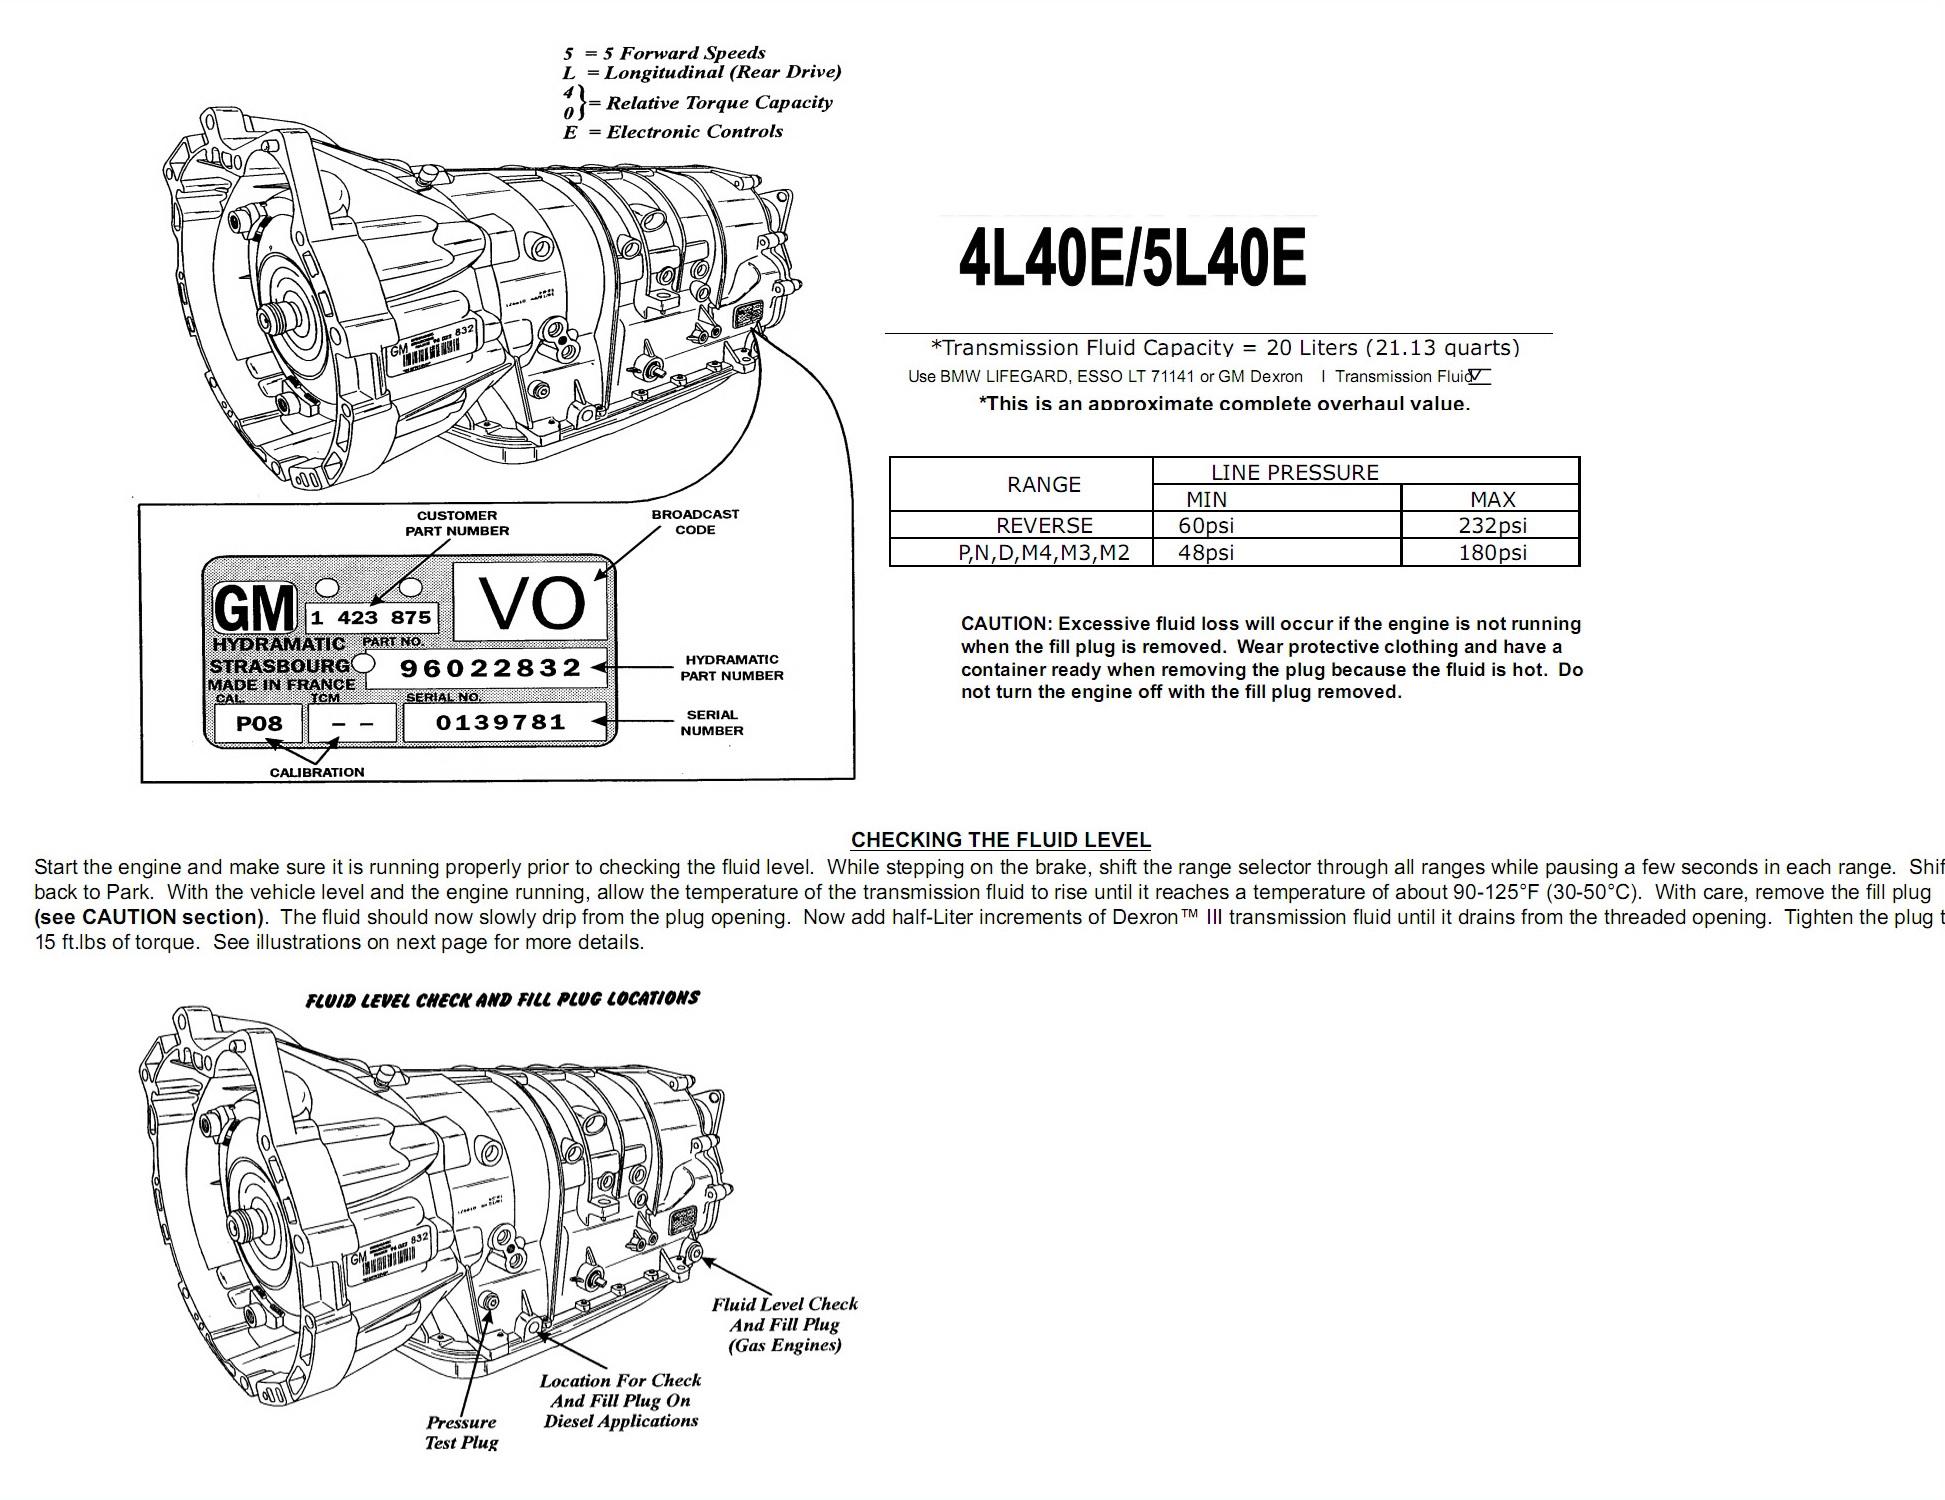 Замена масла АКПП 5L40E / 5L50E